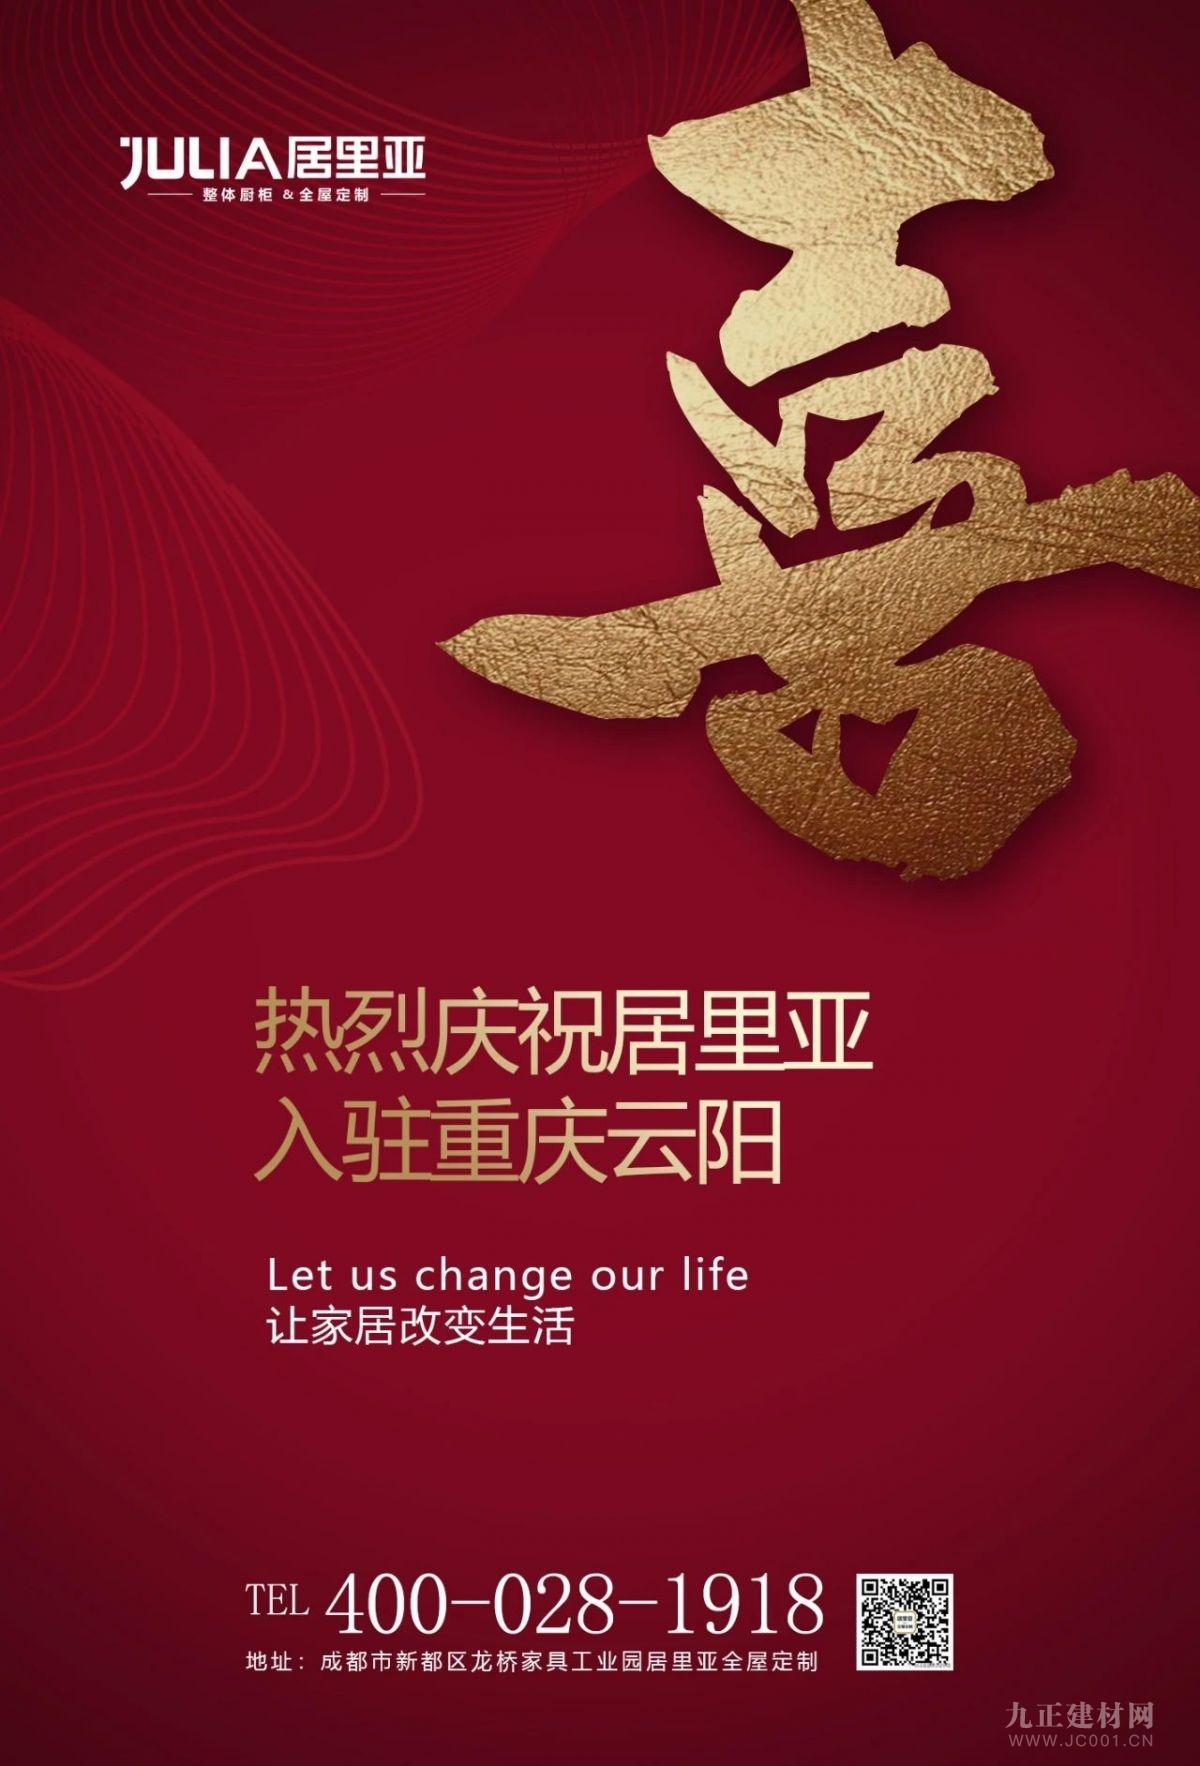 热烈祝贺居里亚入驻重庆云阳